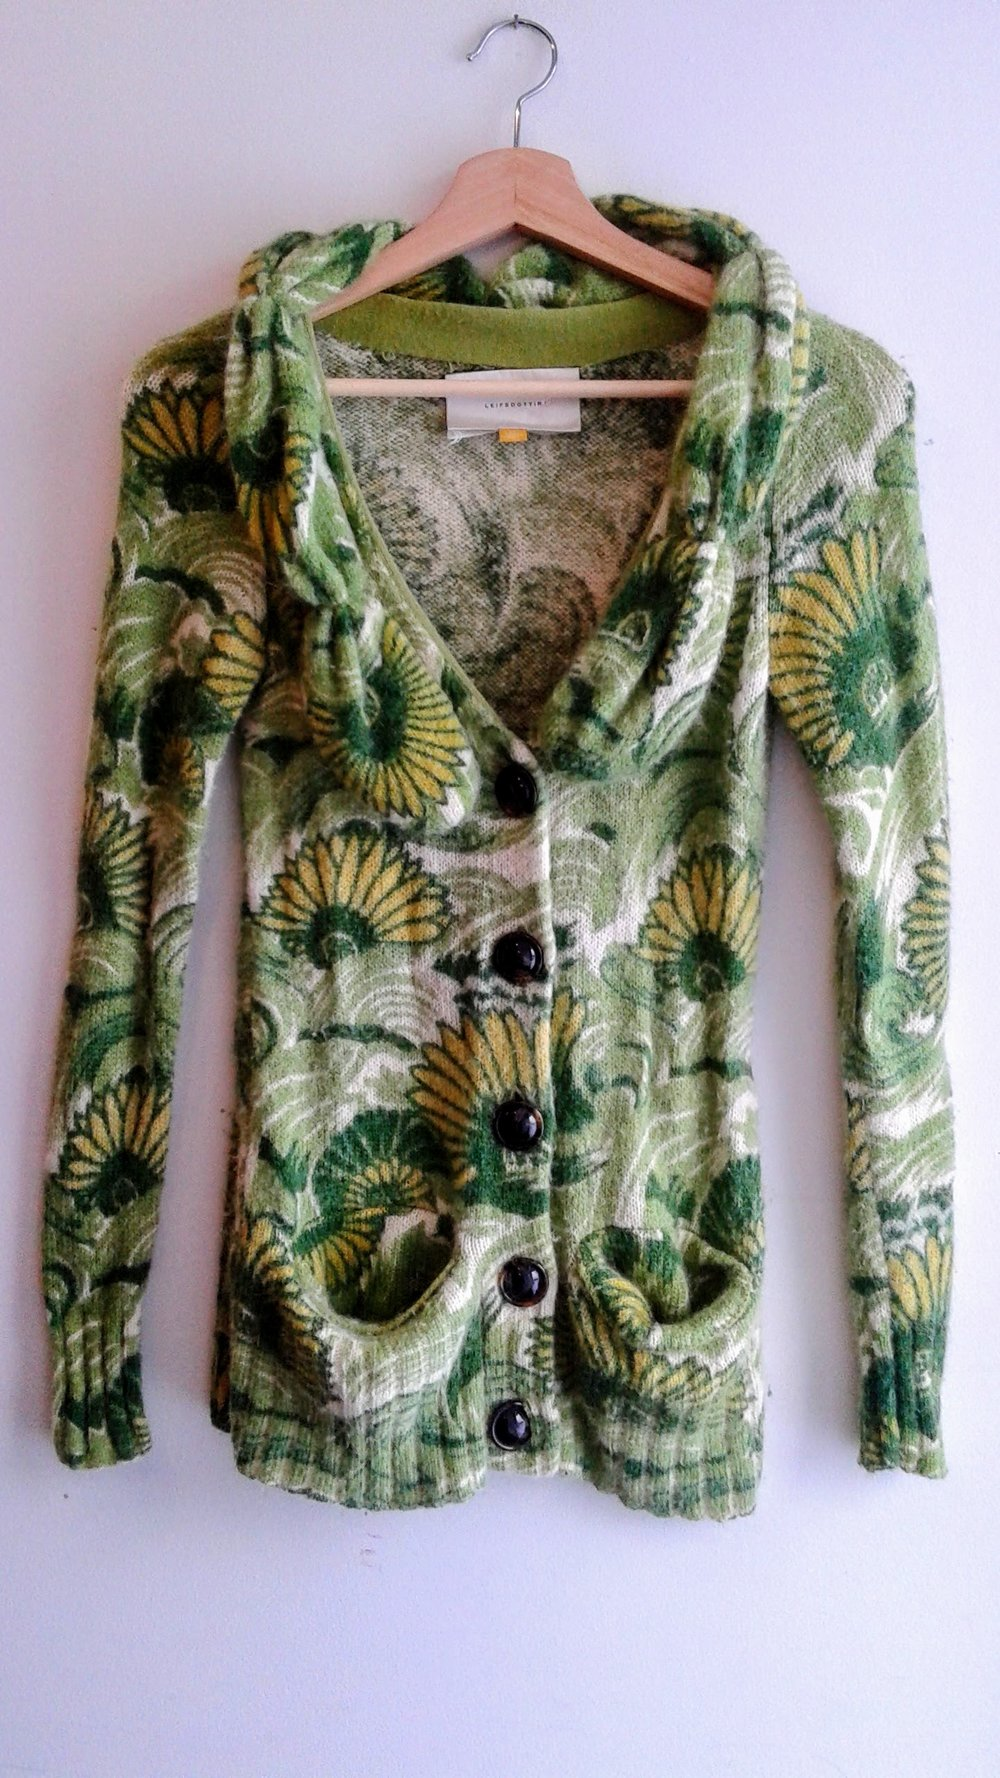 Liefsdottir sweater; Size XS, $26